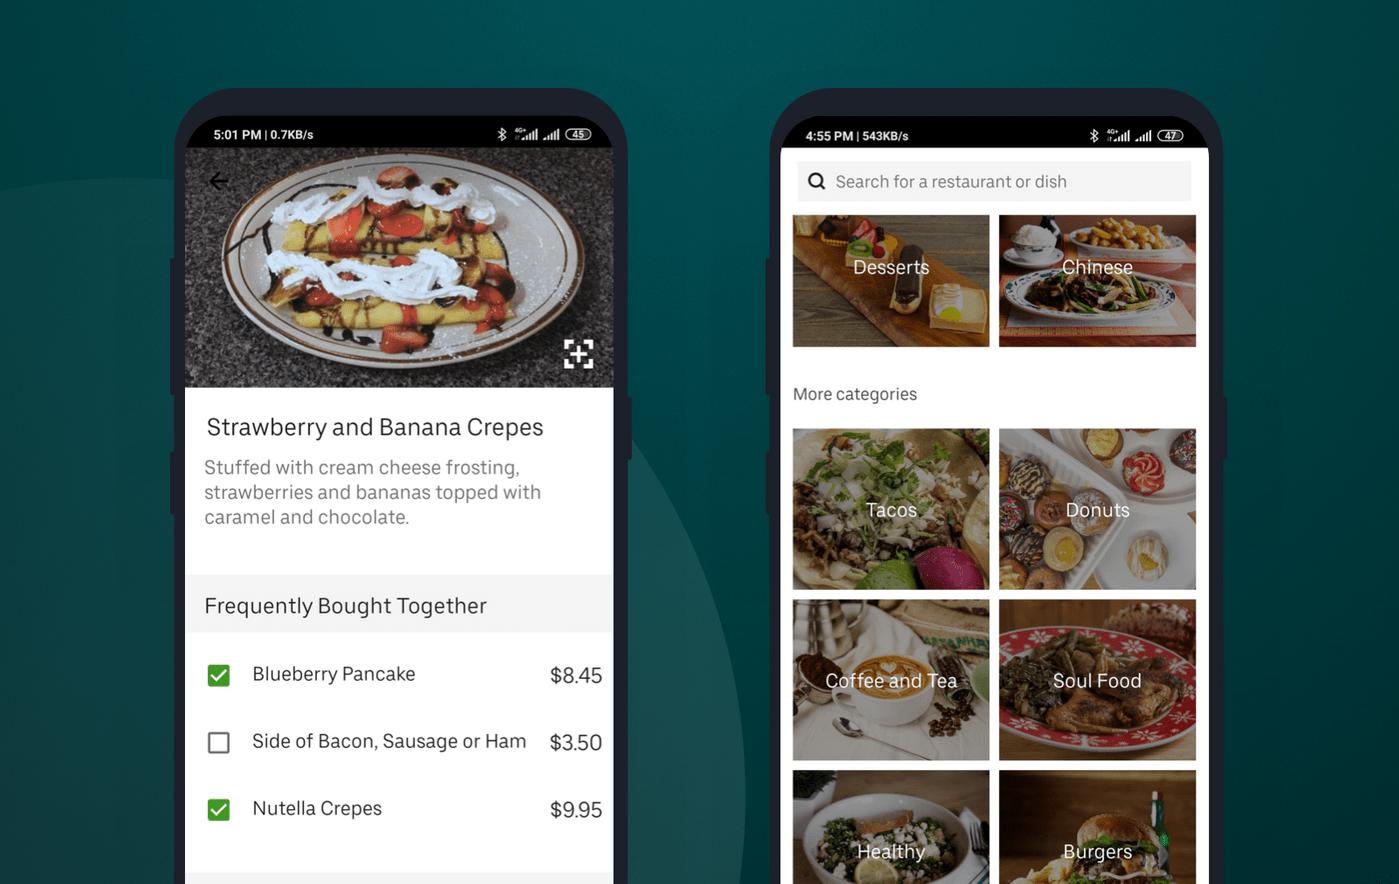 How menu looks like in Uber Eats